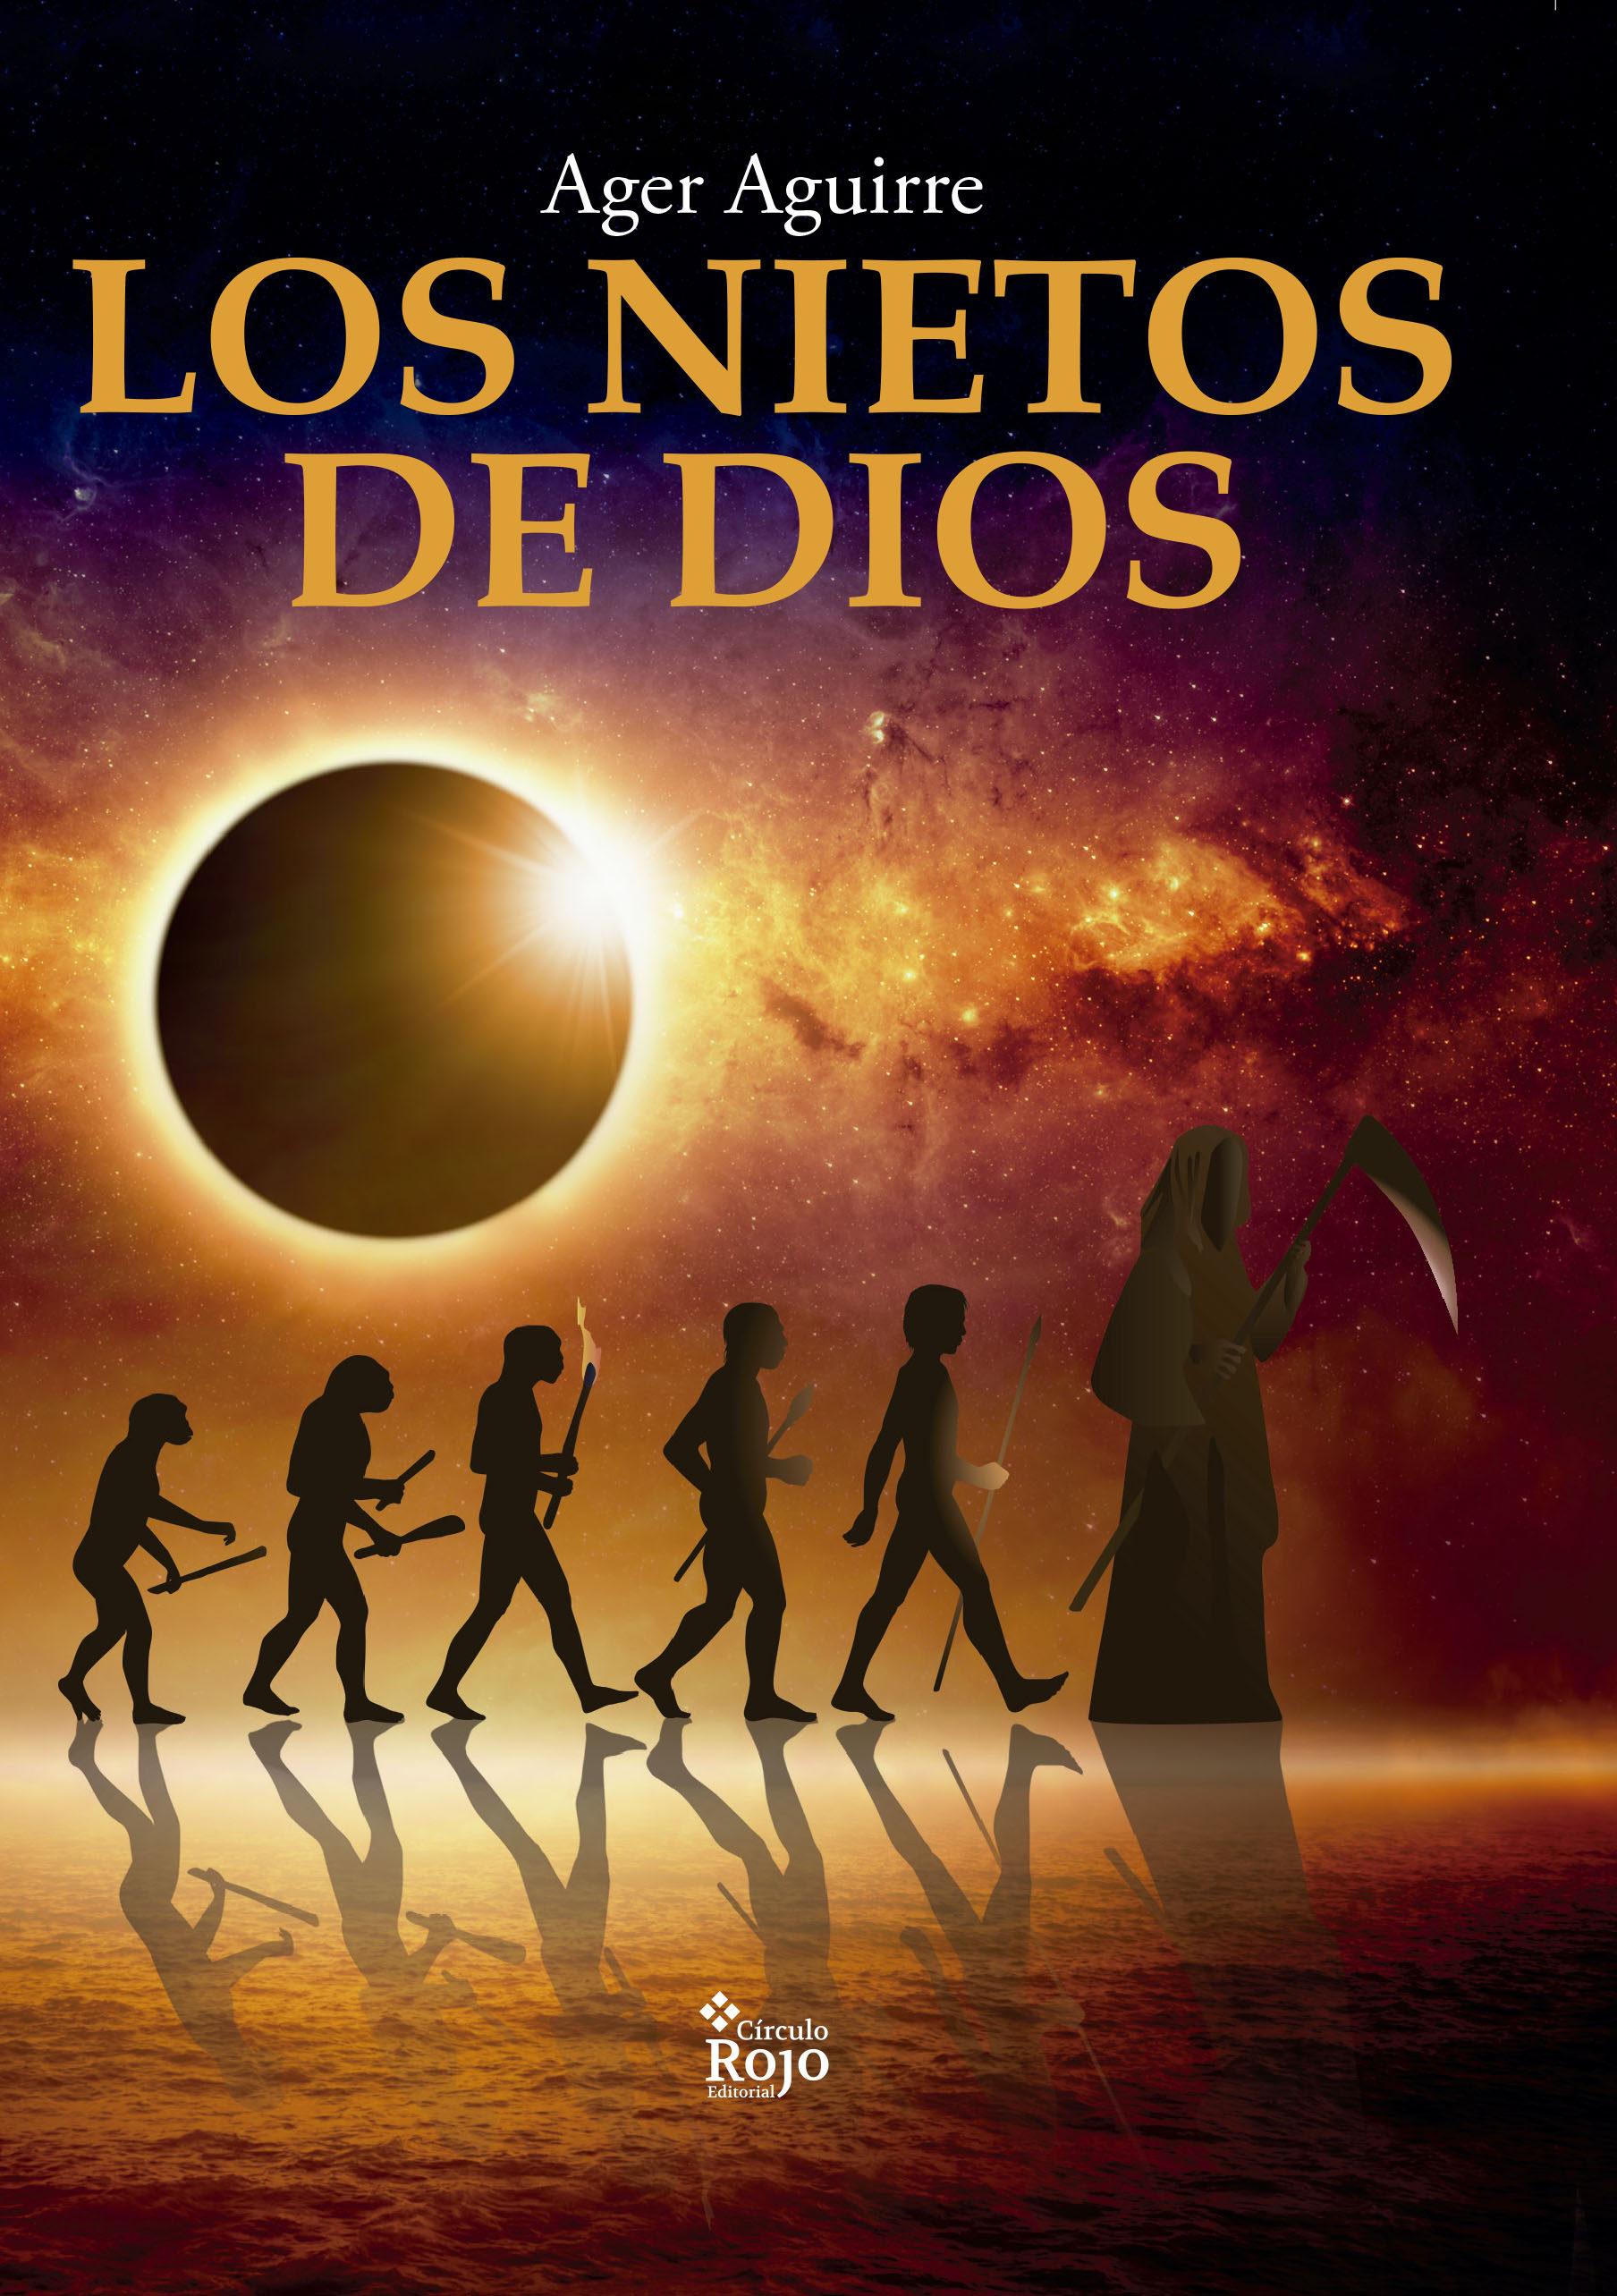 los nietos de dios (ebook)-ager aguirre-9788491403326